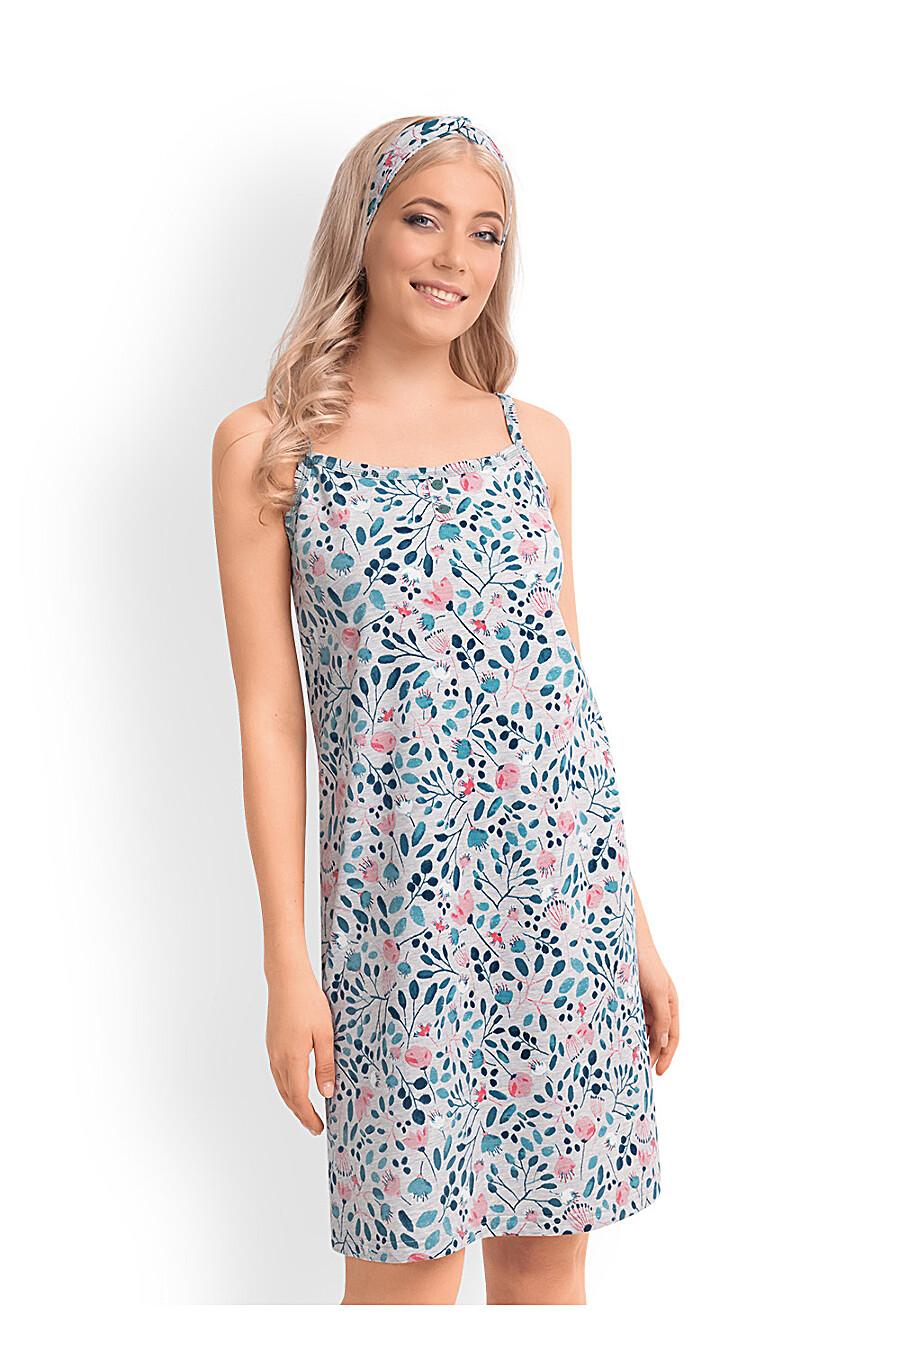 Сорочка для женщин CLEVER 169216 купить оптом от производителя. Совместная покупка женской одежды в OptMoyo